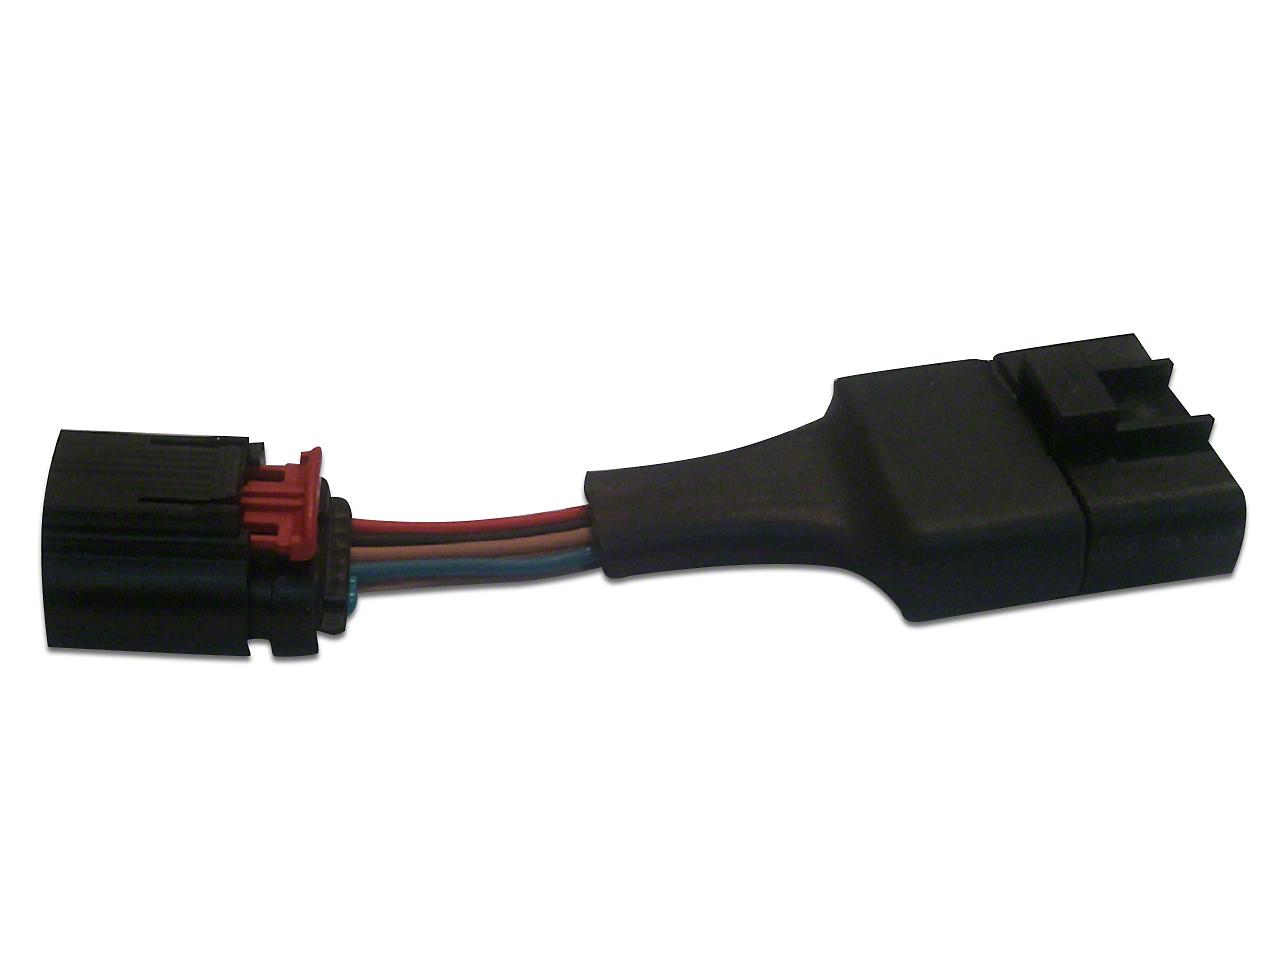 JMS MAF Sensor Adapter for 2005-2010 MAF Sensor (86-95 All)